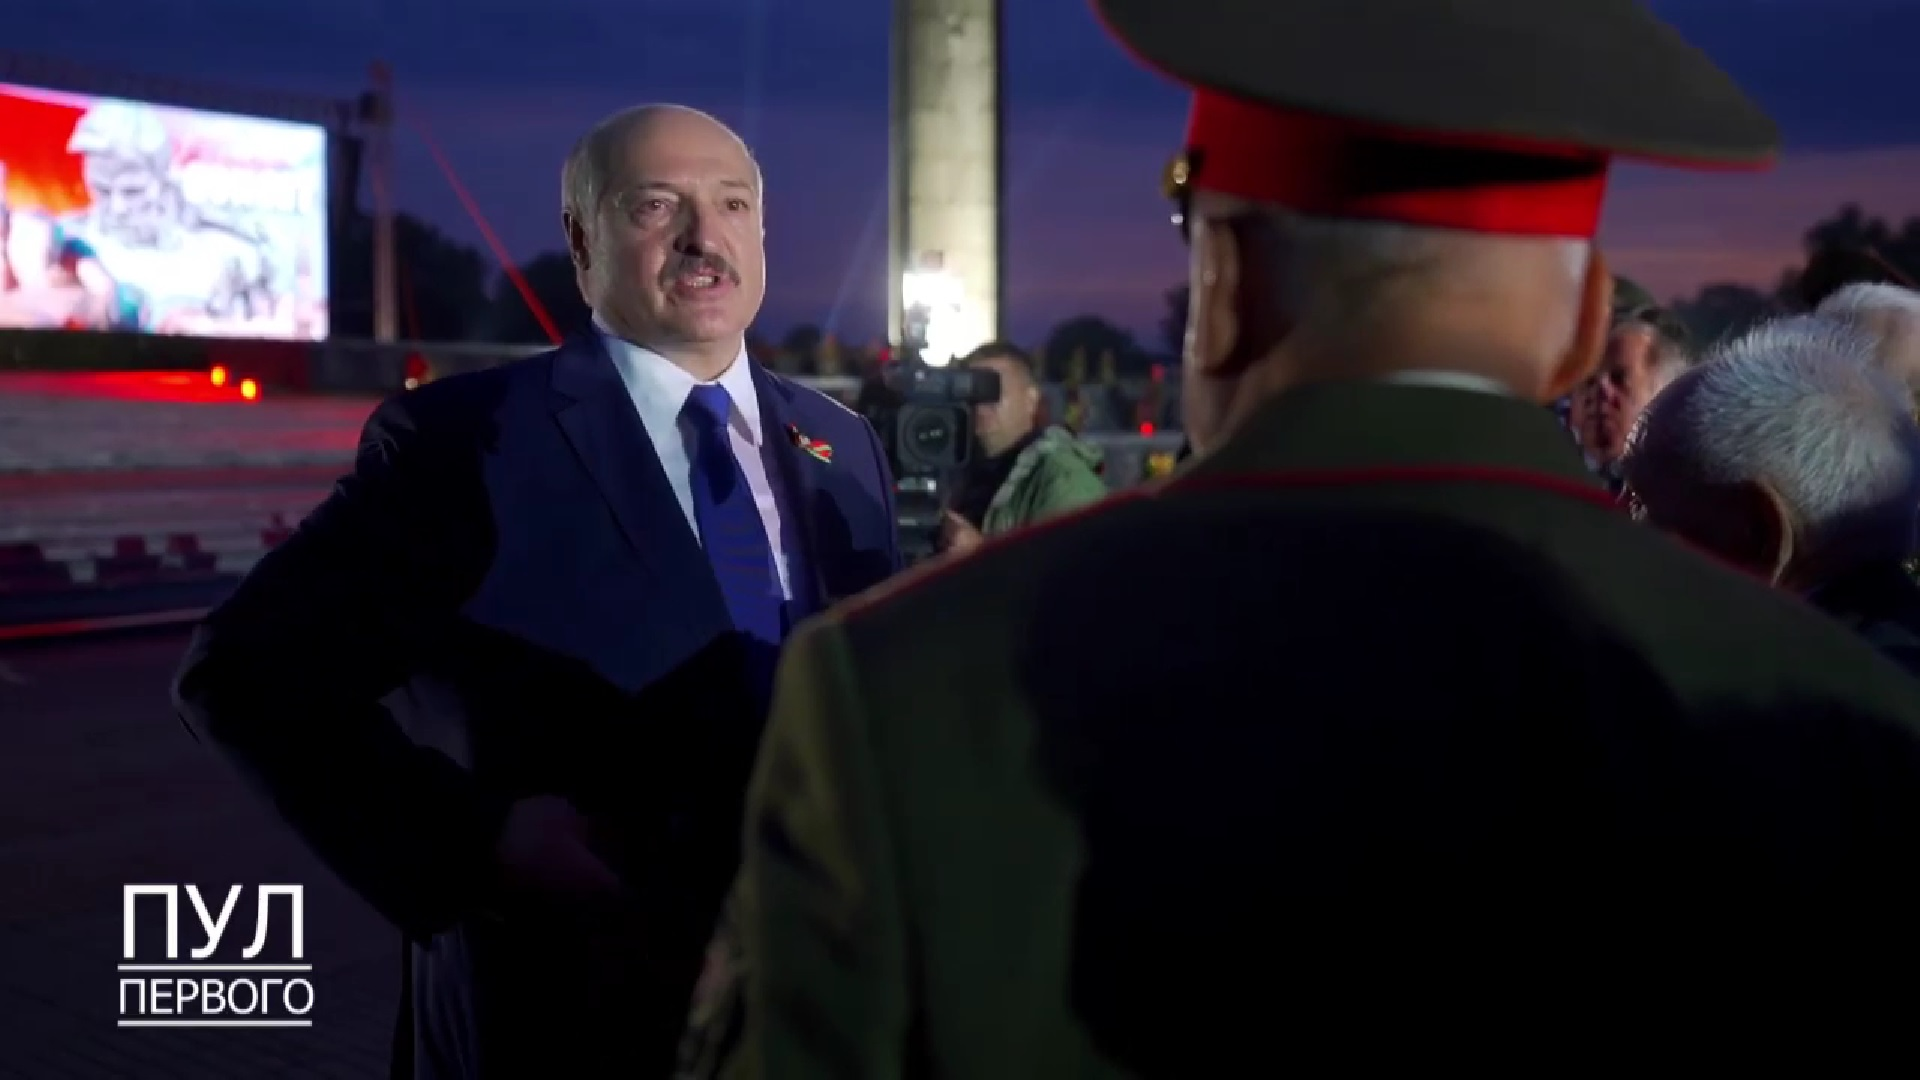 Łukaszenka: nikomu nie pozwolę siłą rozwiązywać problemów, które trzeba rozwiązać pokojowo